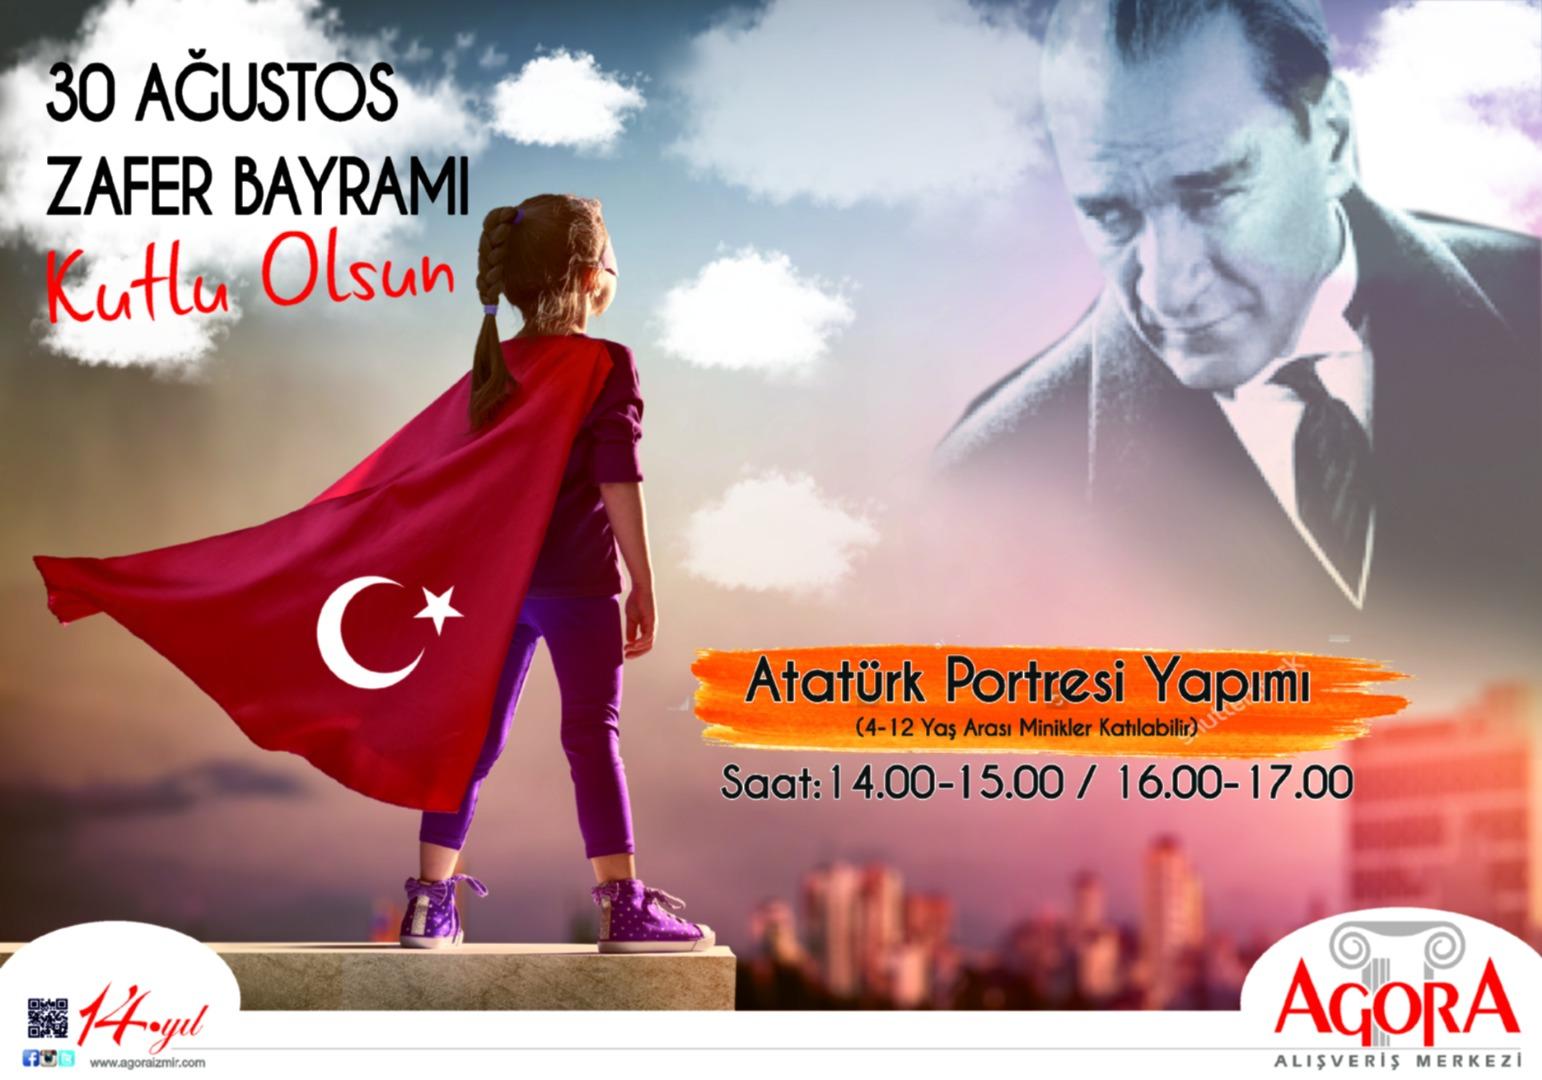 İzmir'de 30 Ağustos coşkusu Agora'da yaşanacak